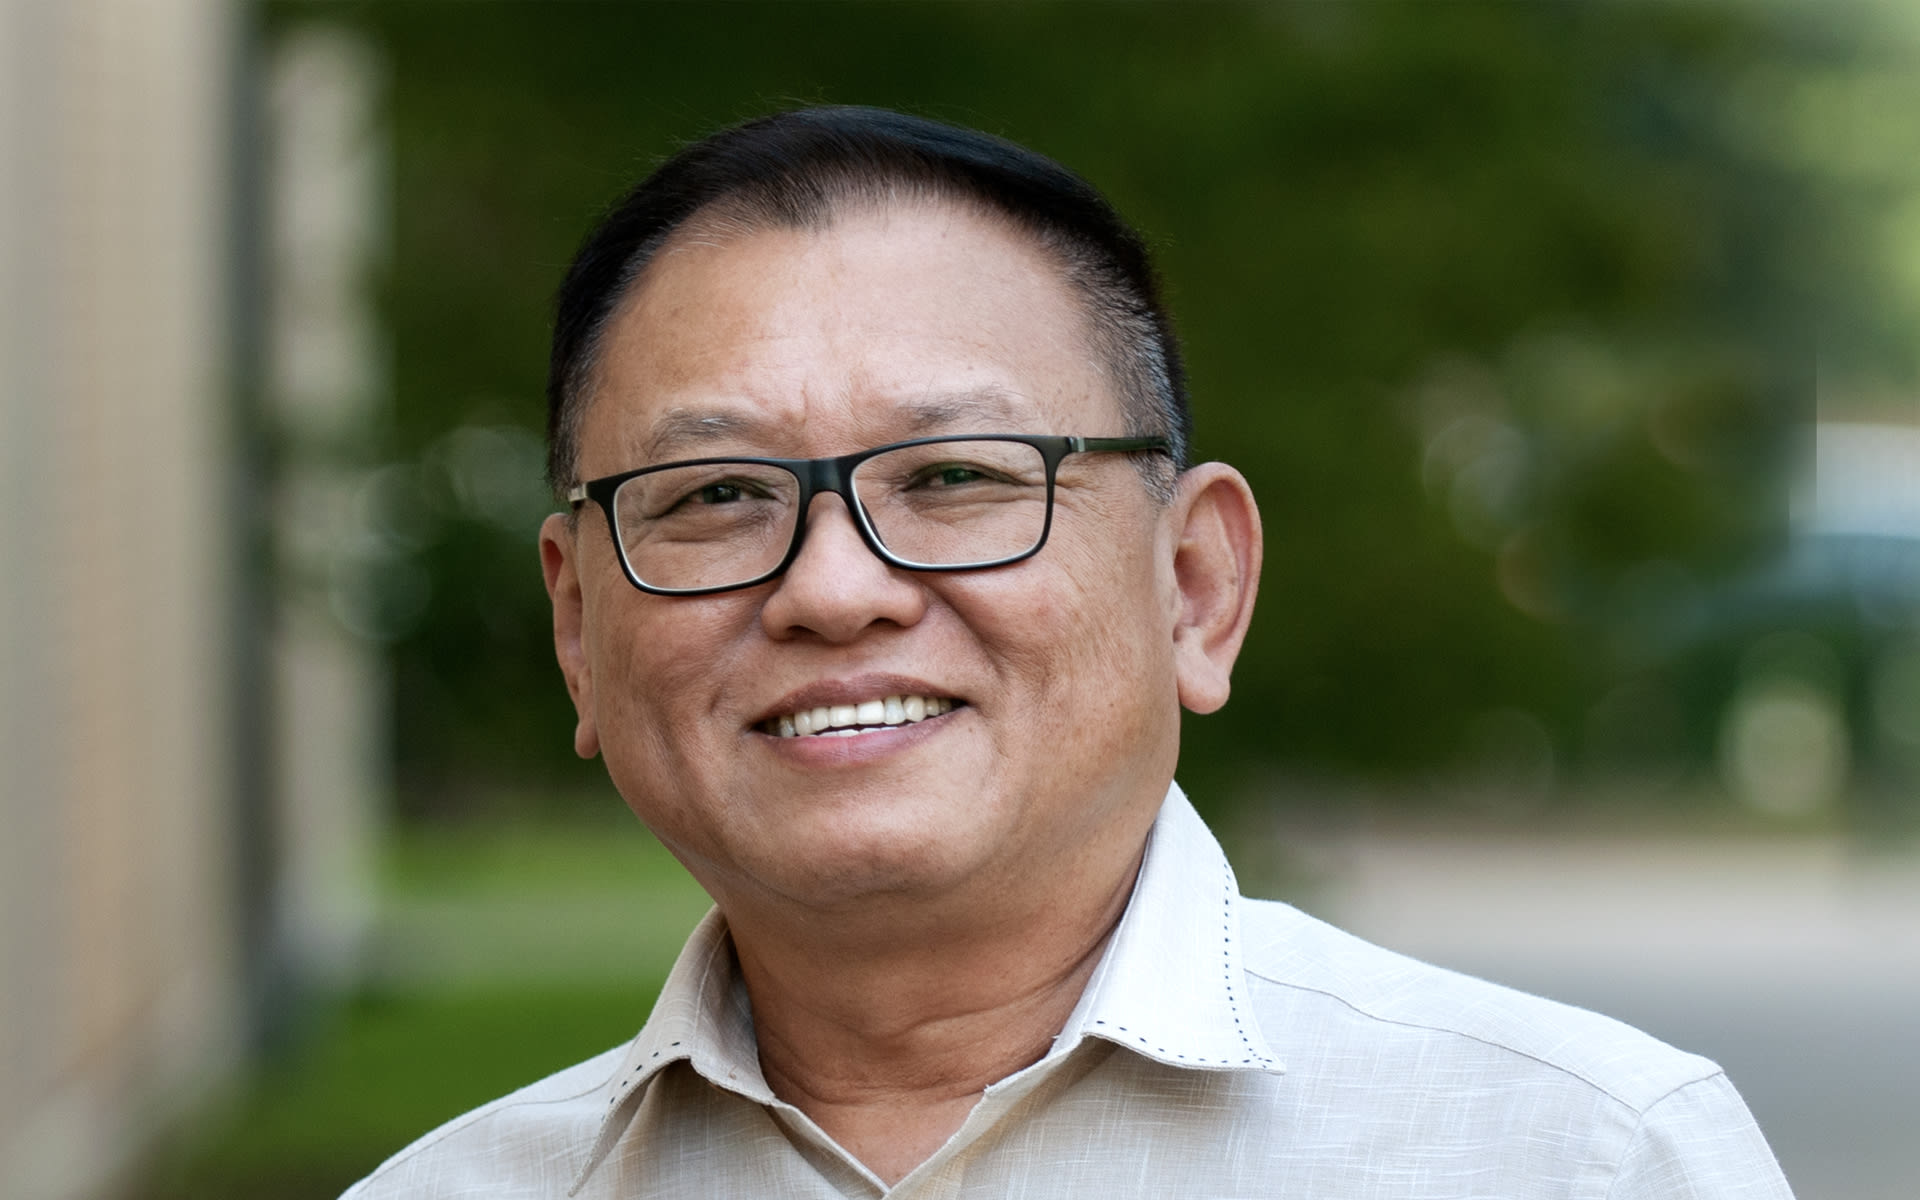 Philip Chia